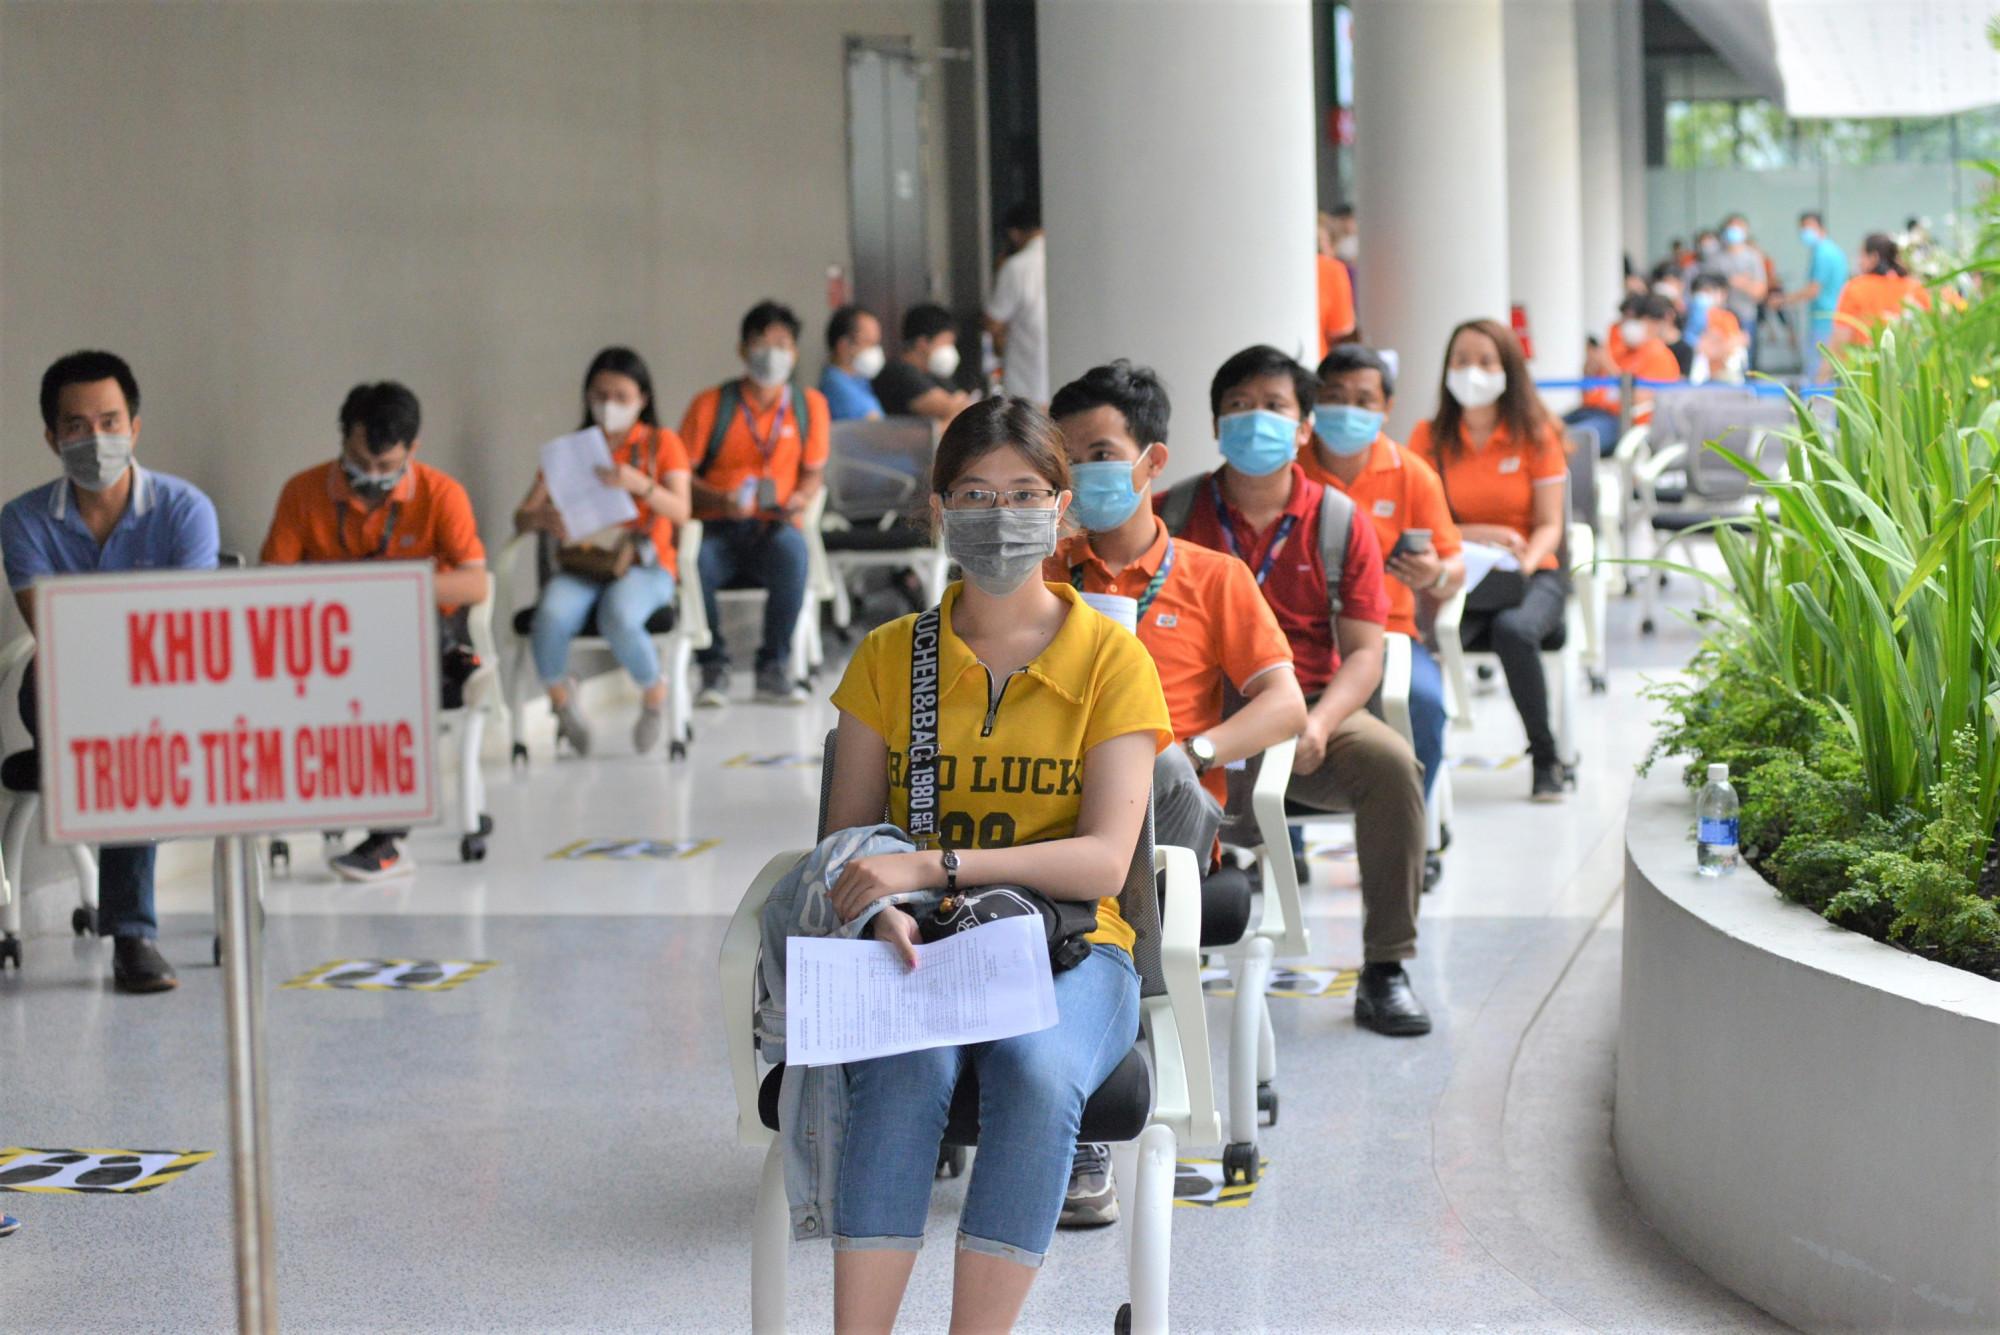 Xếp hàng chờ đợi trước khi được tiêm chủng vắc xin ngừa COVID-10. Ảnh Hiếu Nguyễn